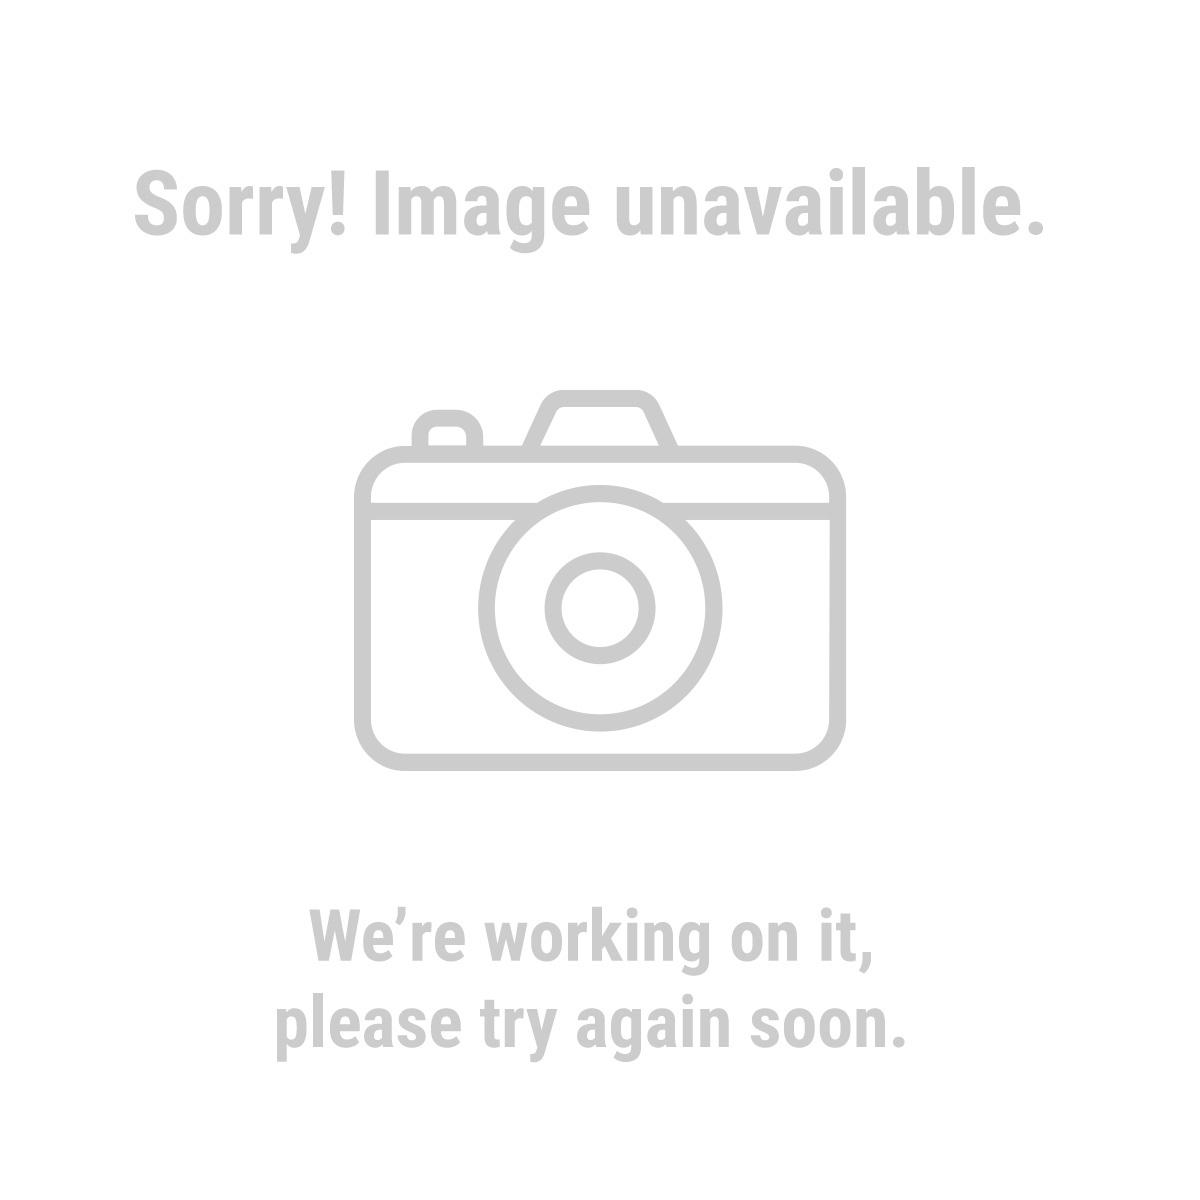 Predator Generators 63083 6500 Peak/5500 Running Watts, 13 HP  (420cc) Generator EPA III